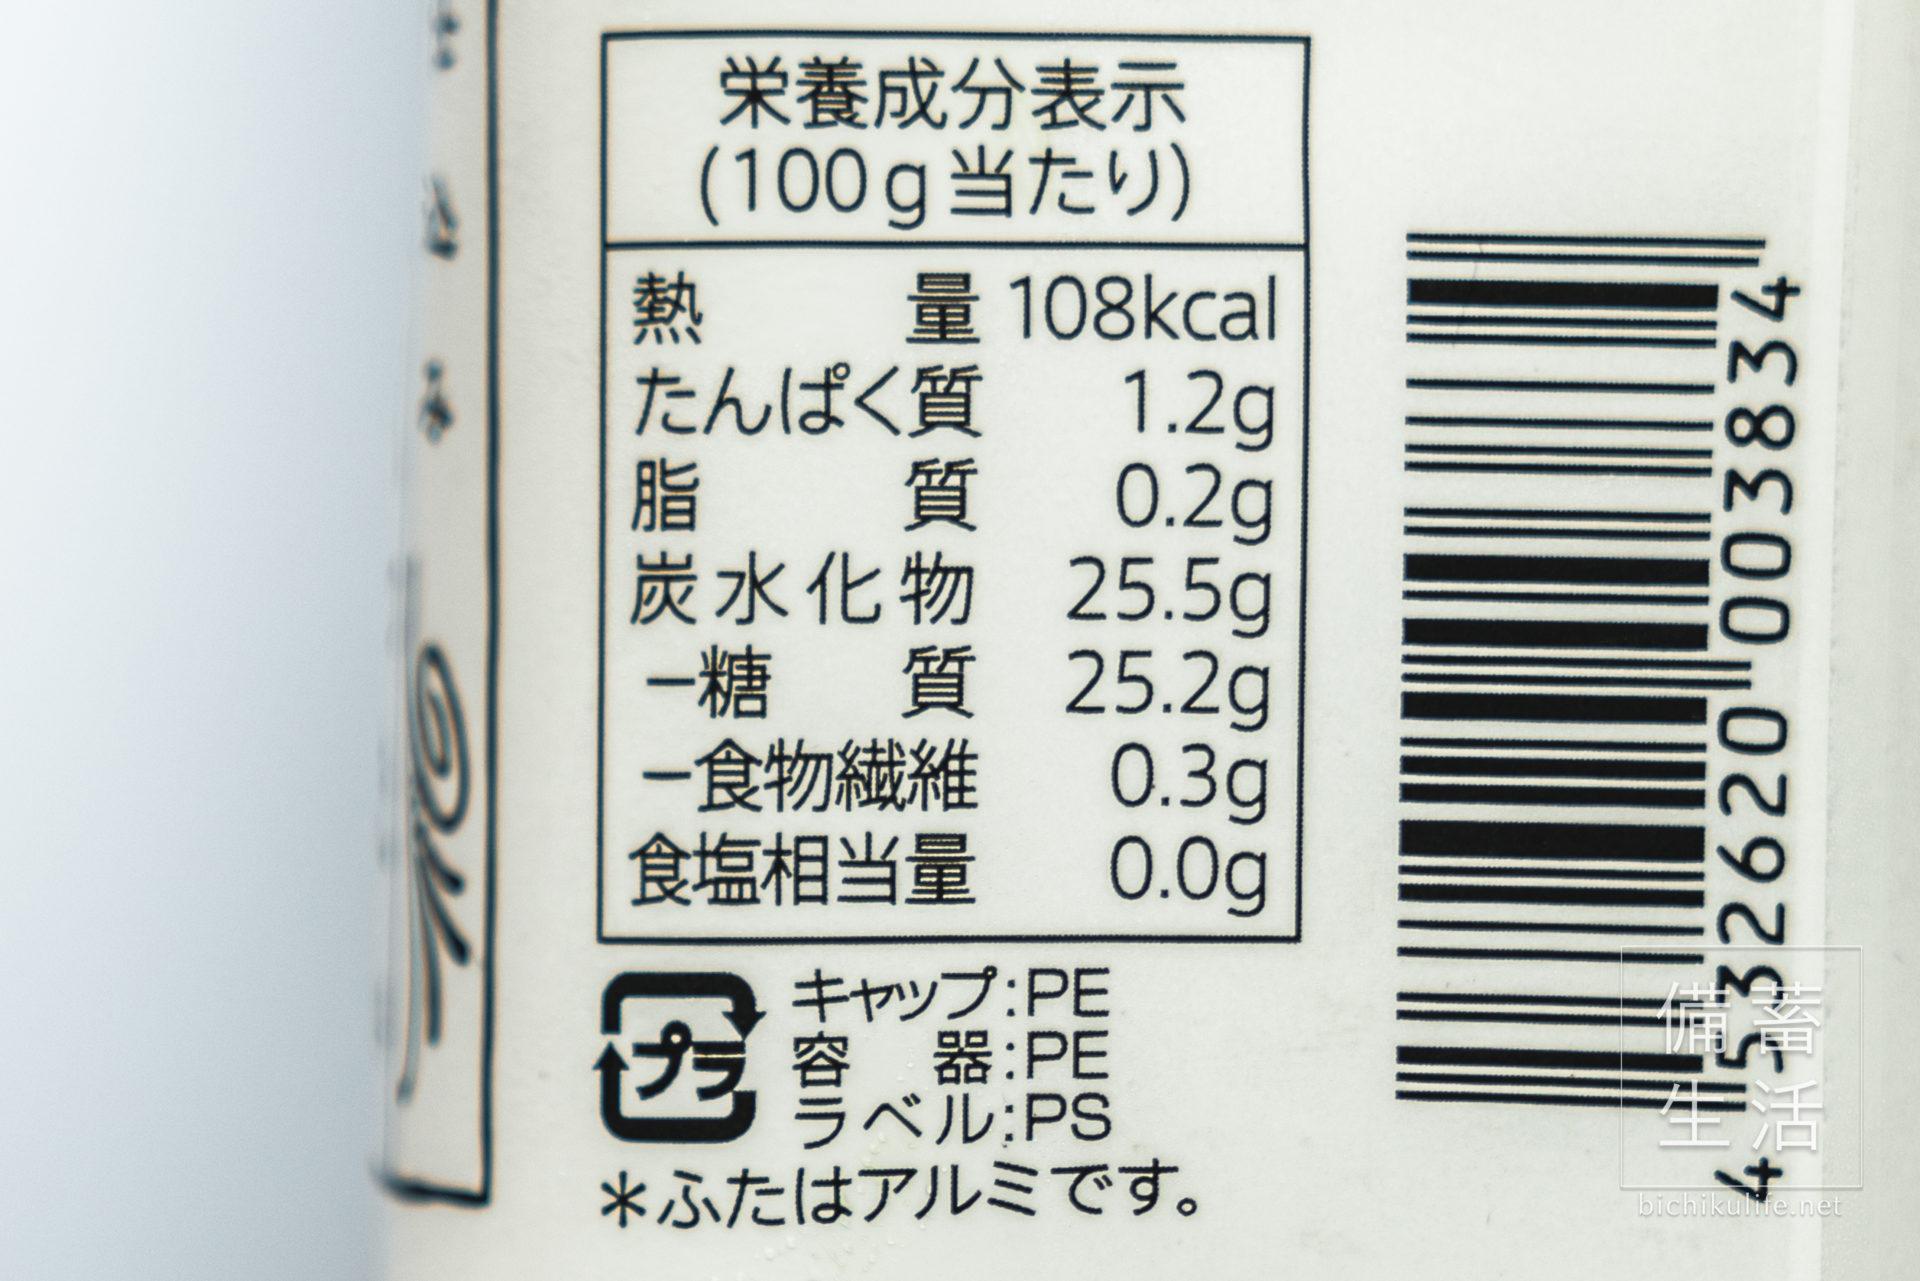 八海山の発酵食品 麹だけでつくった あまさけ(甘酒)の栄養成分表示